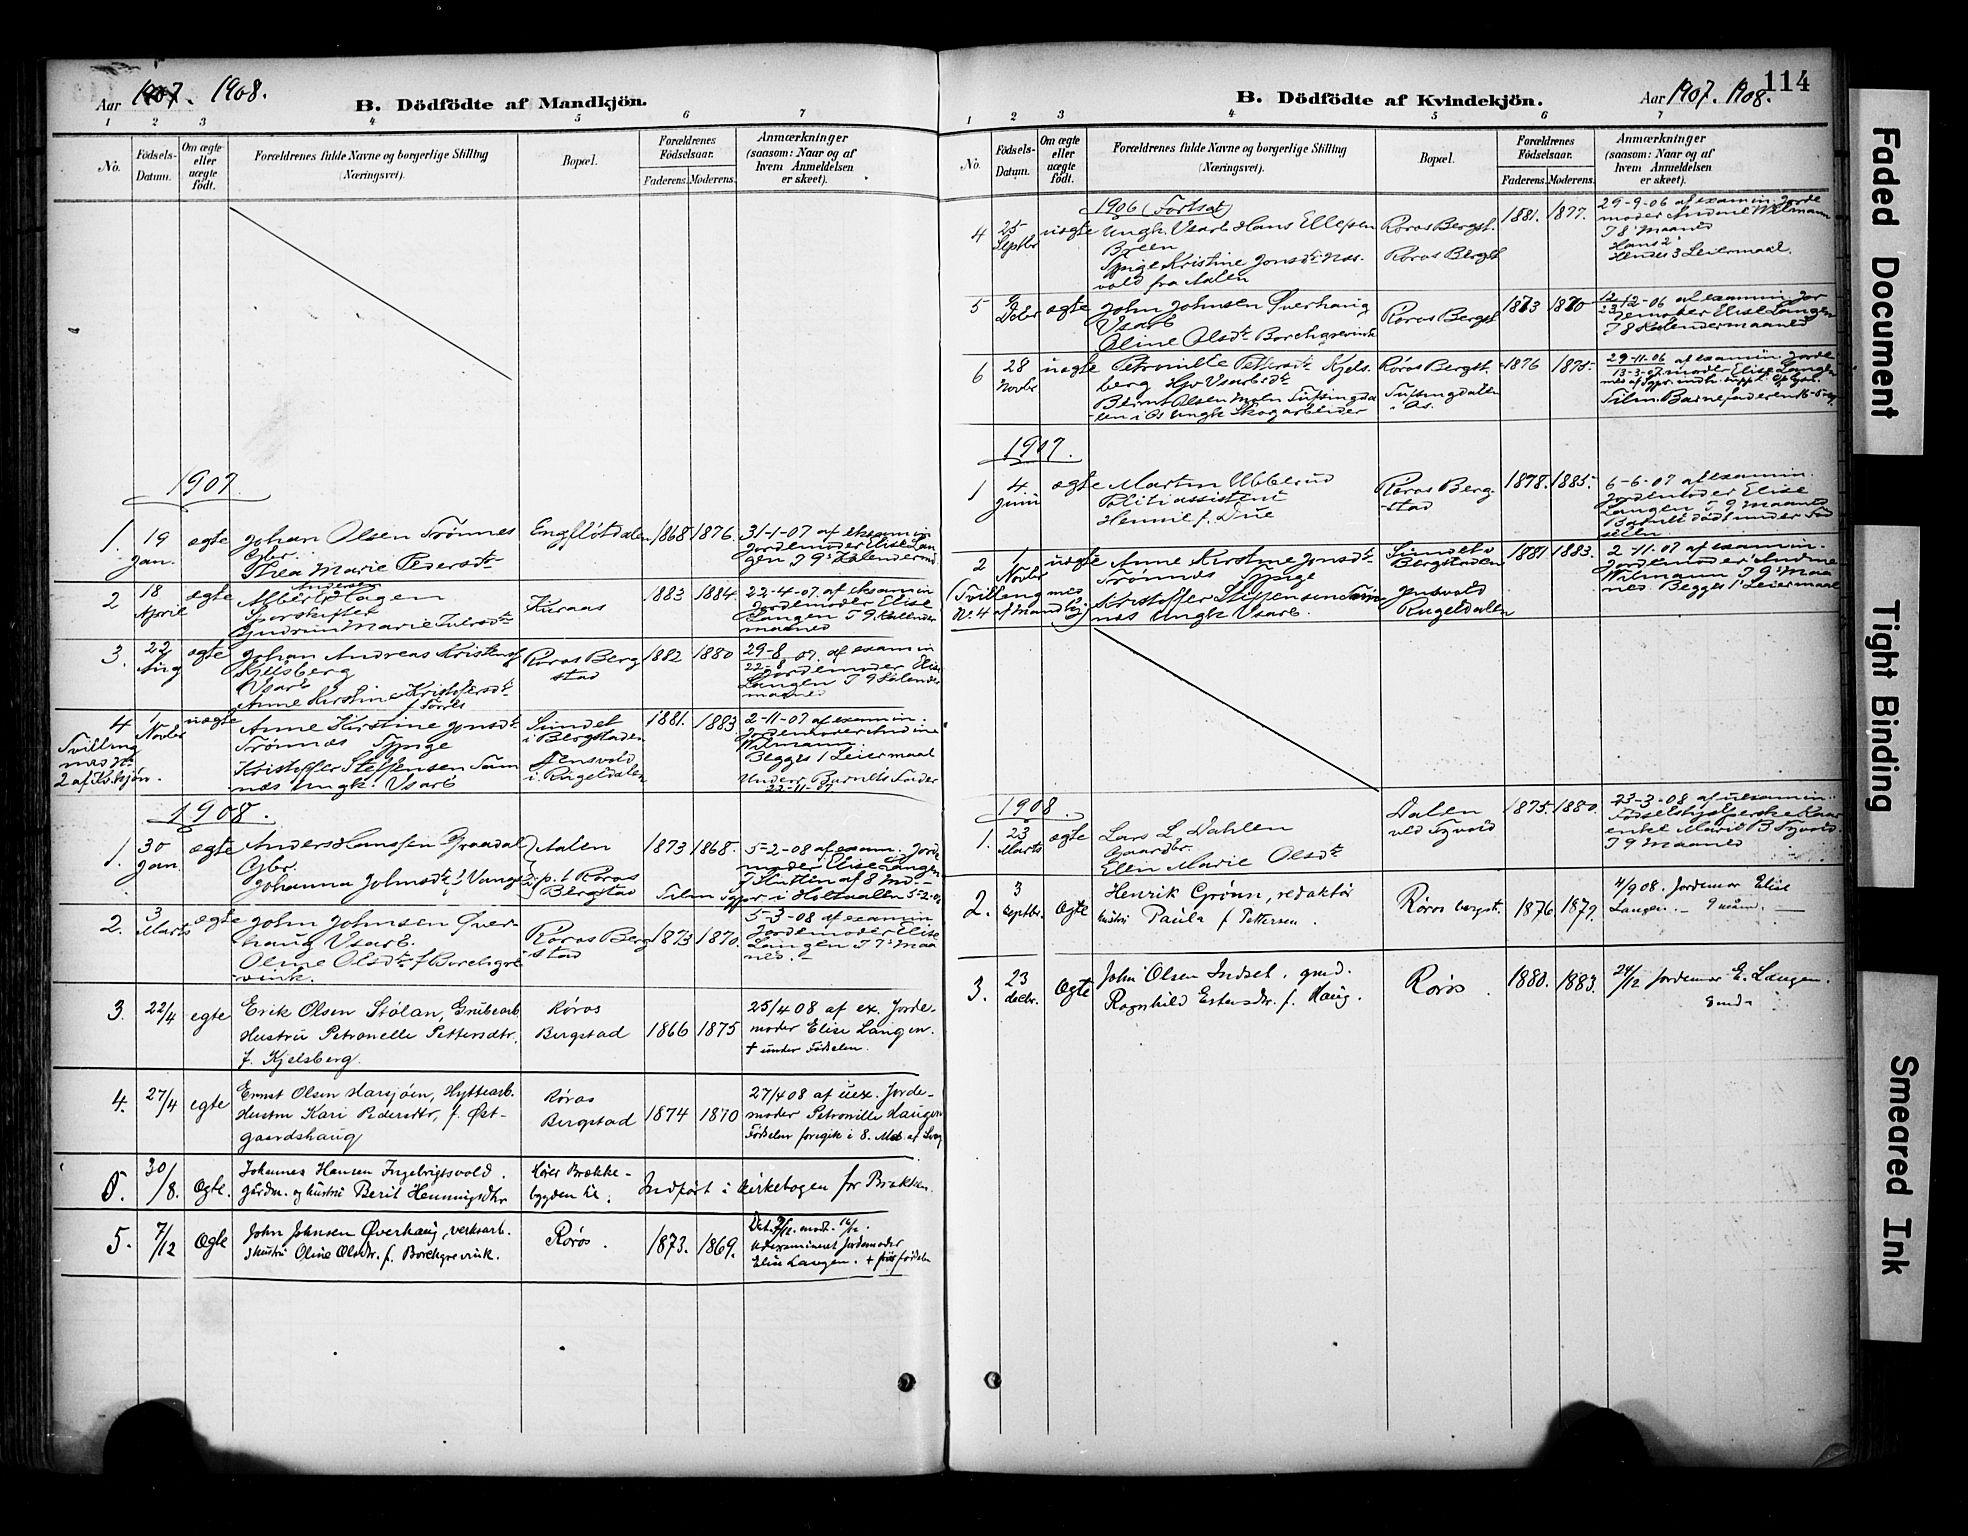 SAT, Ministerialprotokoller, klokkerbøker og fødselsregistre - Sør-Trøndelag, 681/L0936: Ministerialbok nr. 681A14, 1899-1908, s. 114